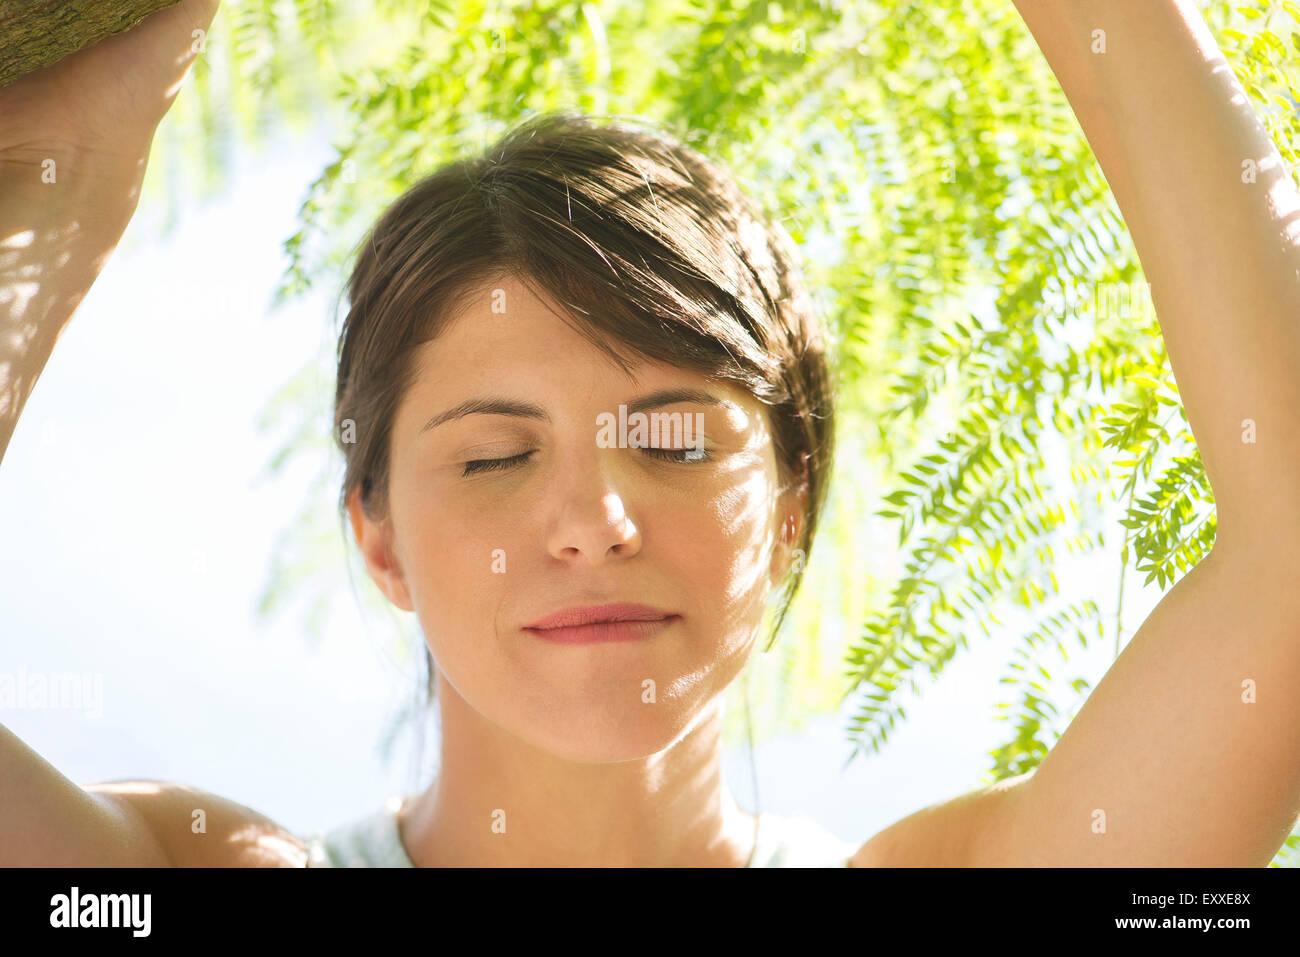 Frau im Schatten von Laub, Augen geschlossen, portrait Stockbild